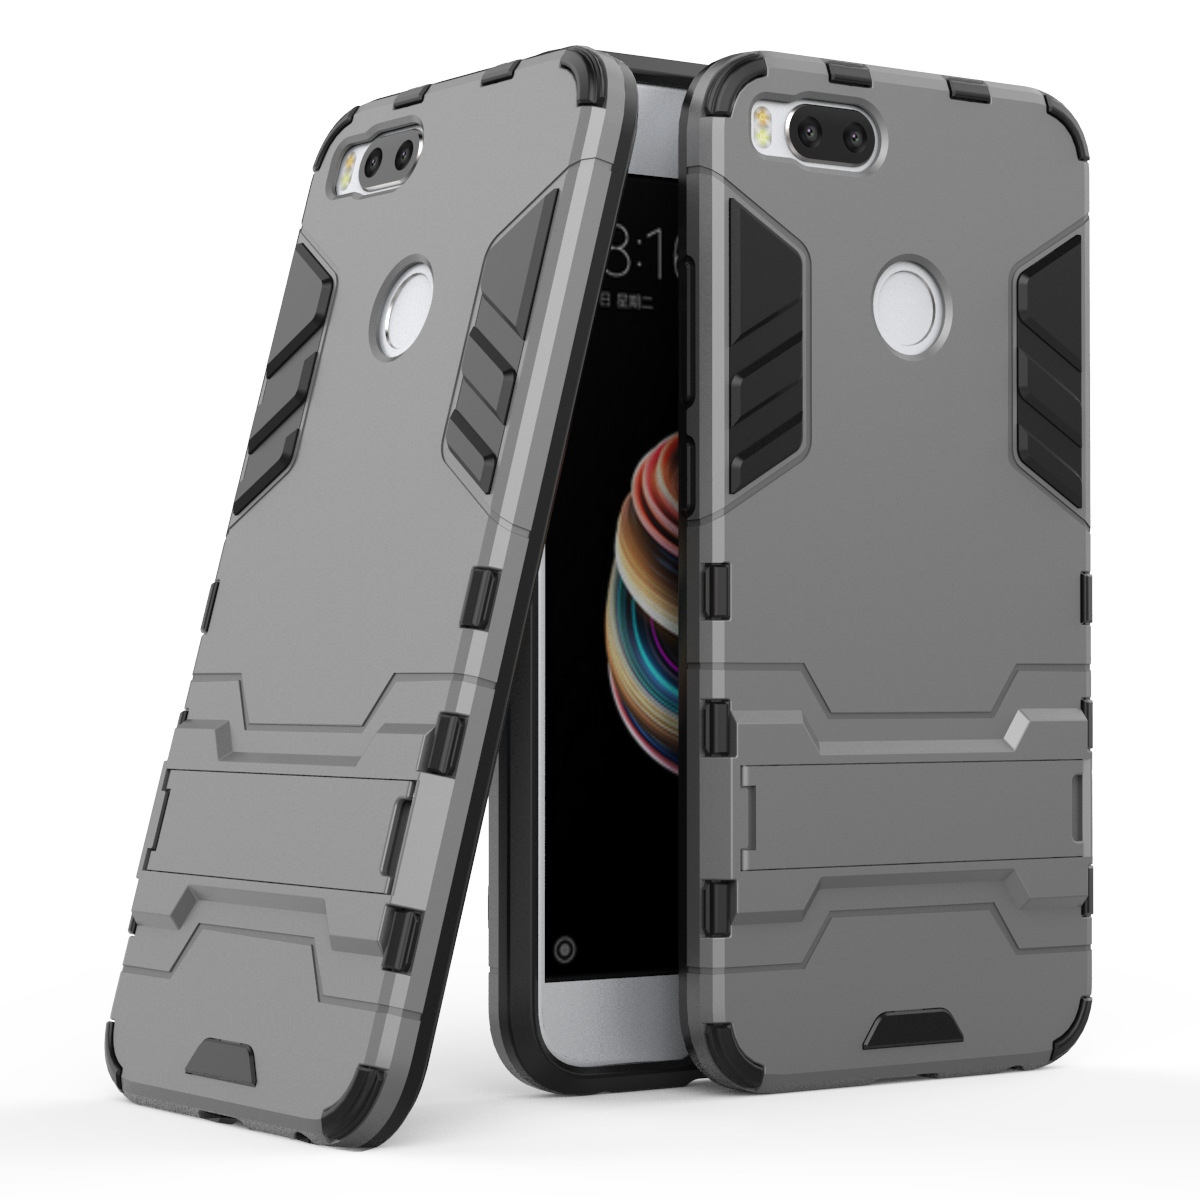 เคส Xiaomi Mi5x / Mi A1 Shockproof Armor Case